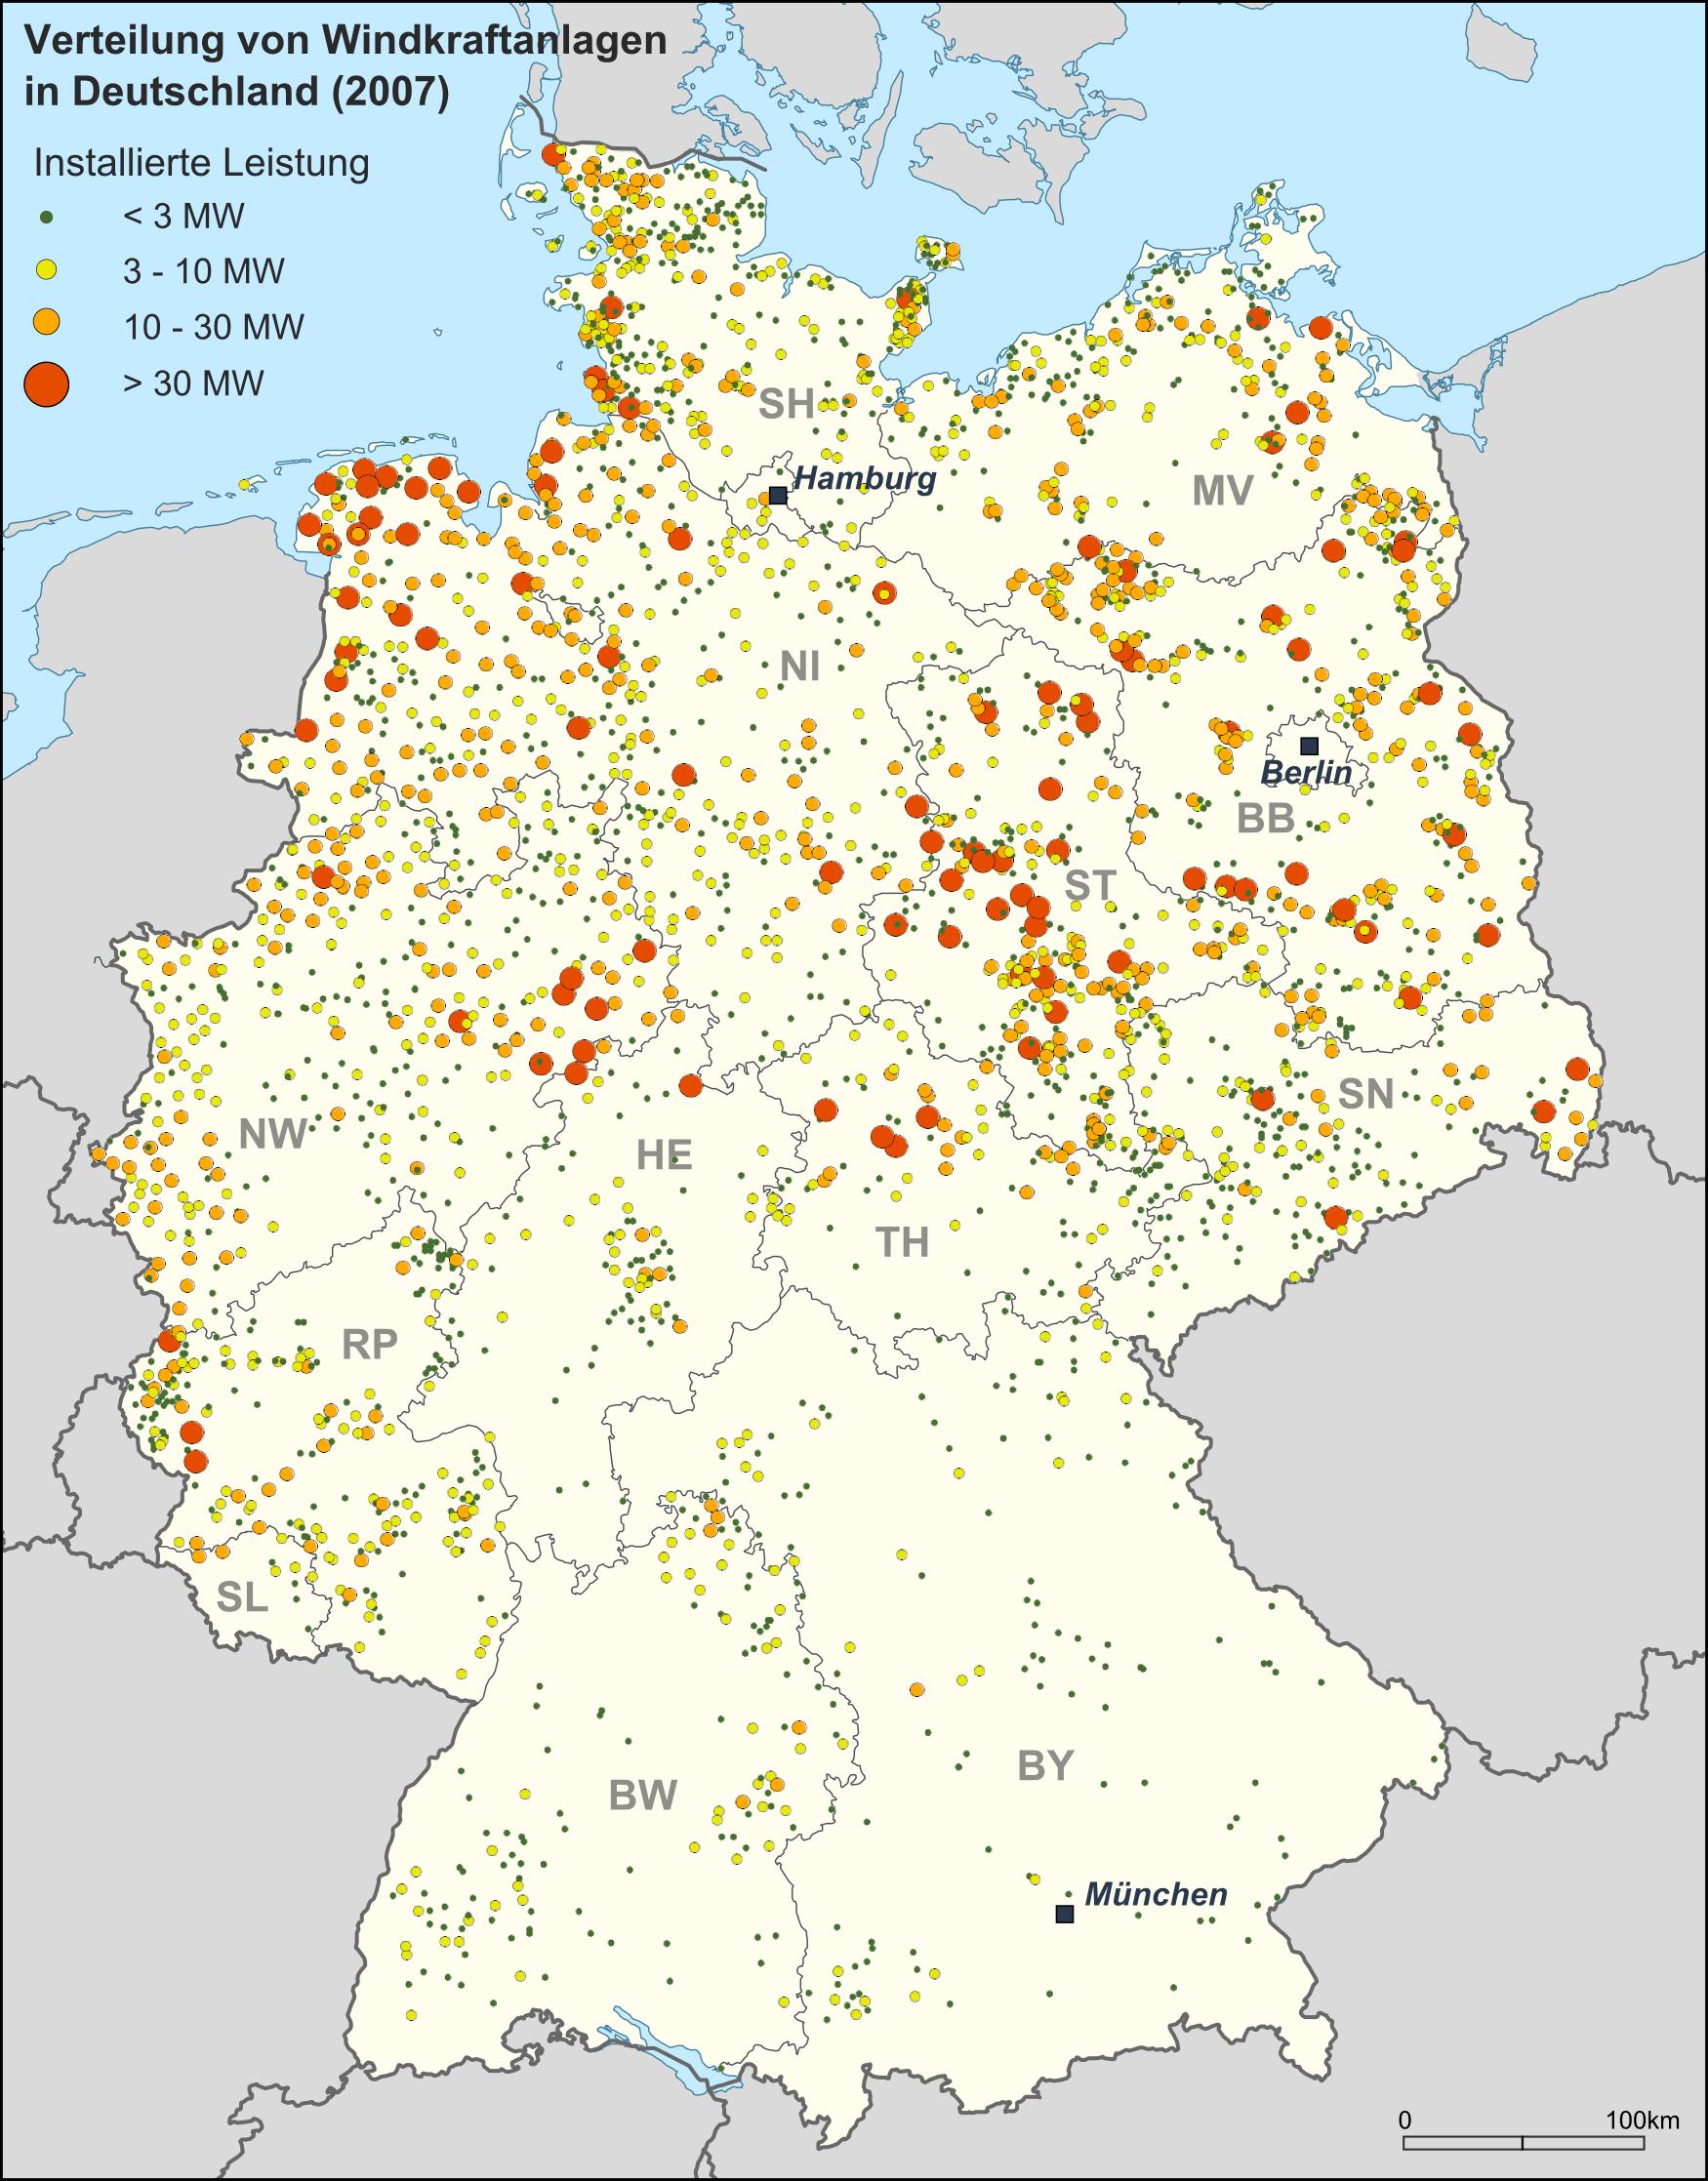 Parques eólicos de Alemania 2008